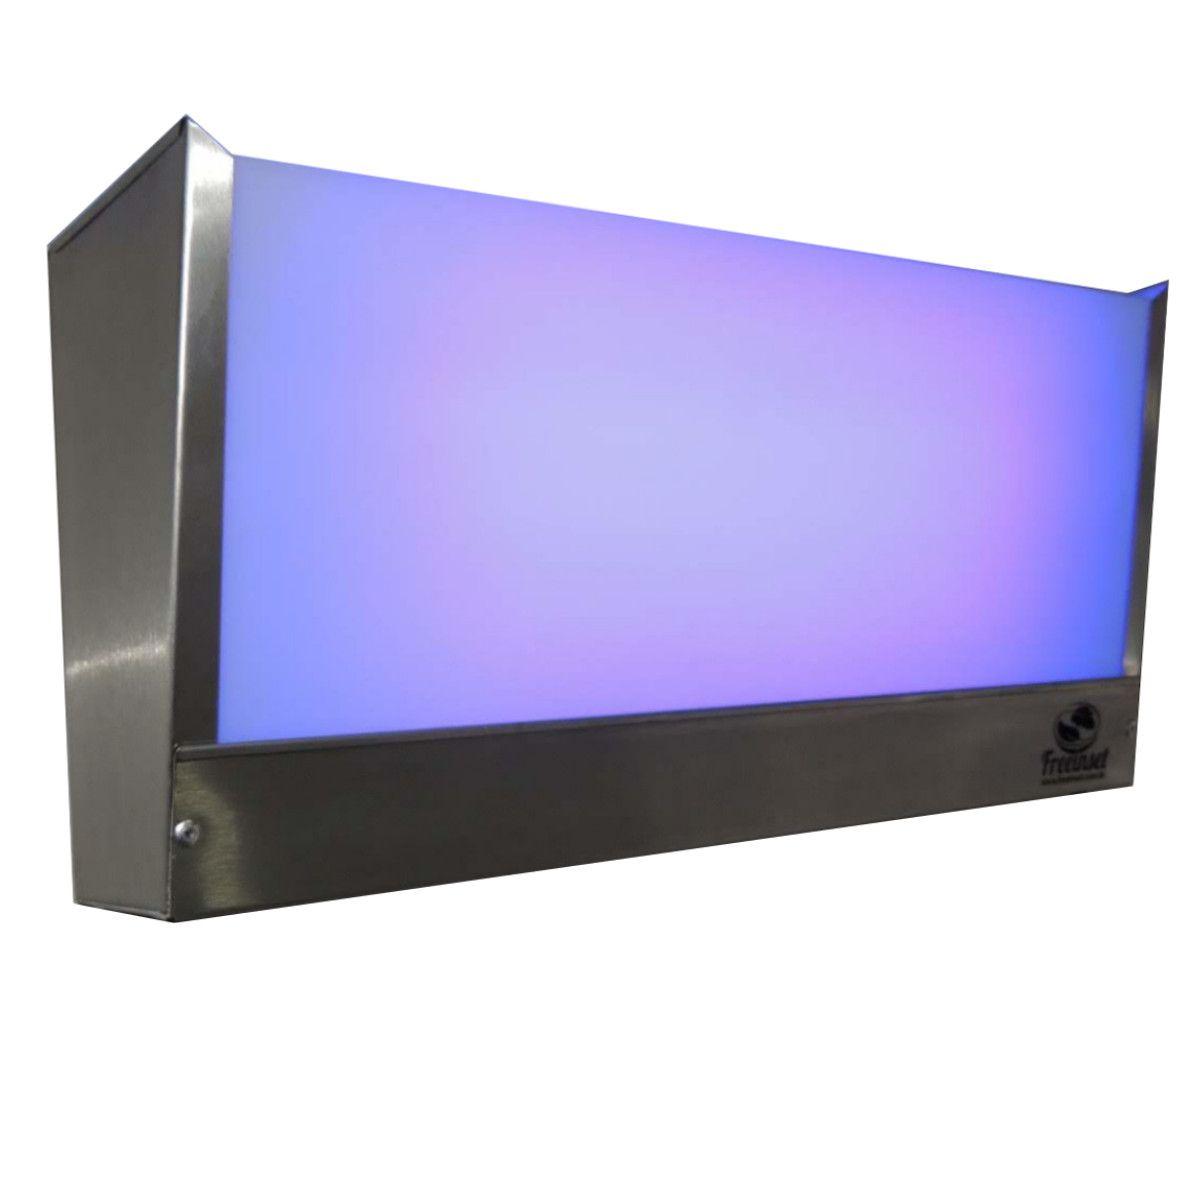 Armadilha Luminosa 2 Lâmpadas Inox Moscas, Bivolt